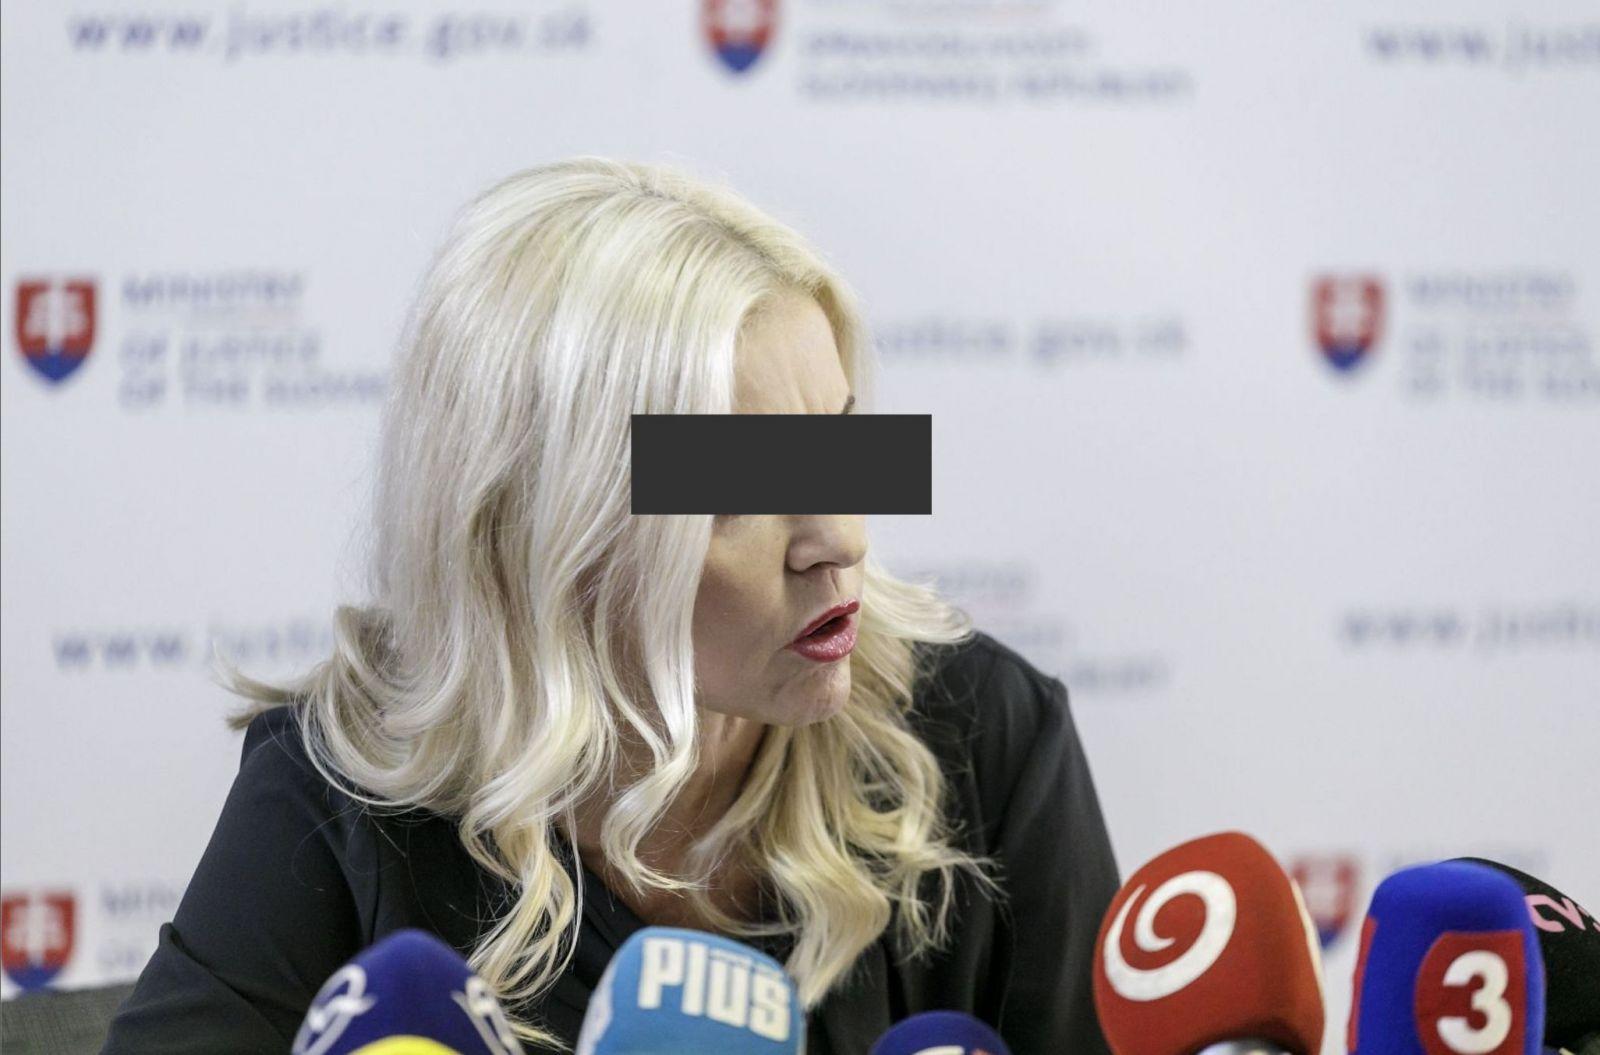 10 šokujúcich citátov z Kočnerovej Threemy: Smejú sa zo zavraždeného novinára Jána Kuciaka aRobert Fico je podľa správ alkoholik